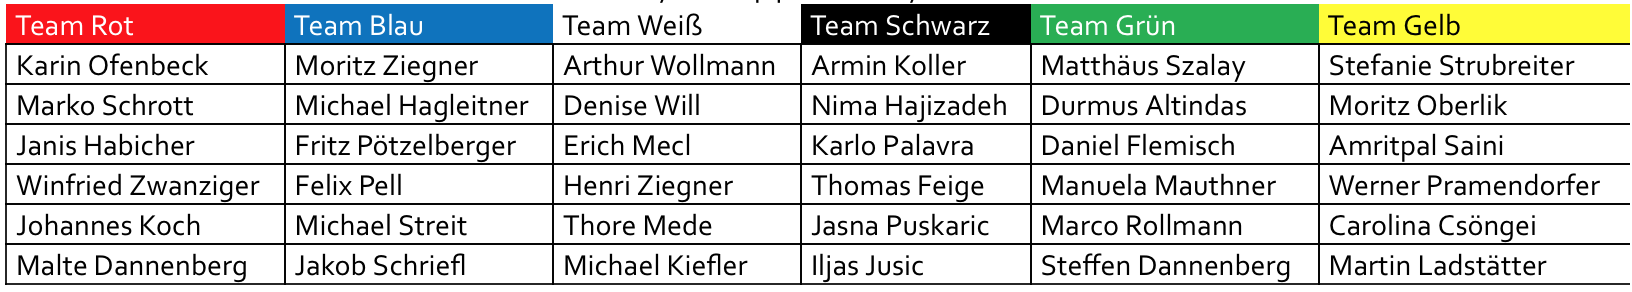 Einteilung der Teams beim 2. Player's CUP